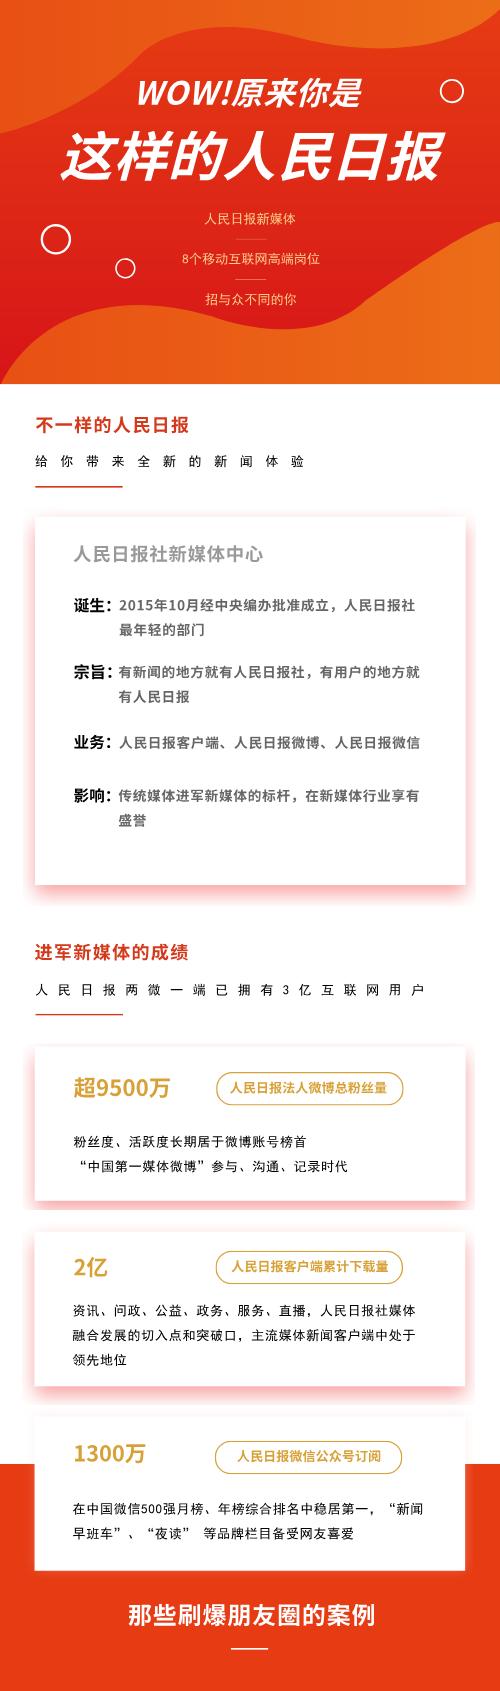 人民日报招新营销长图